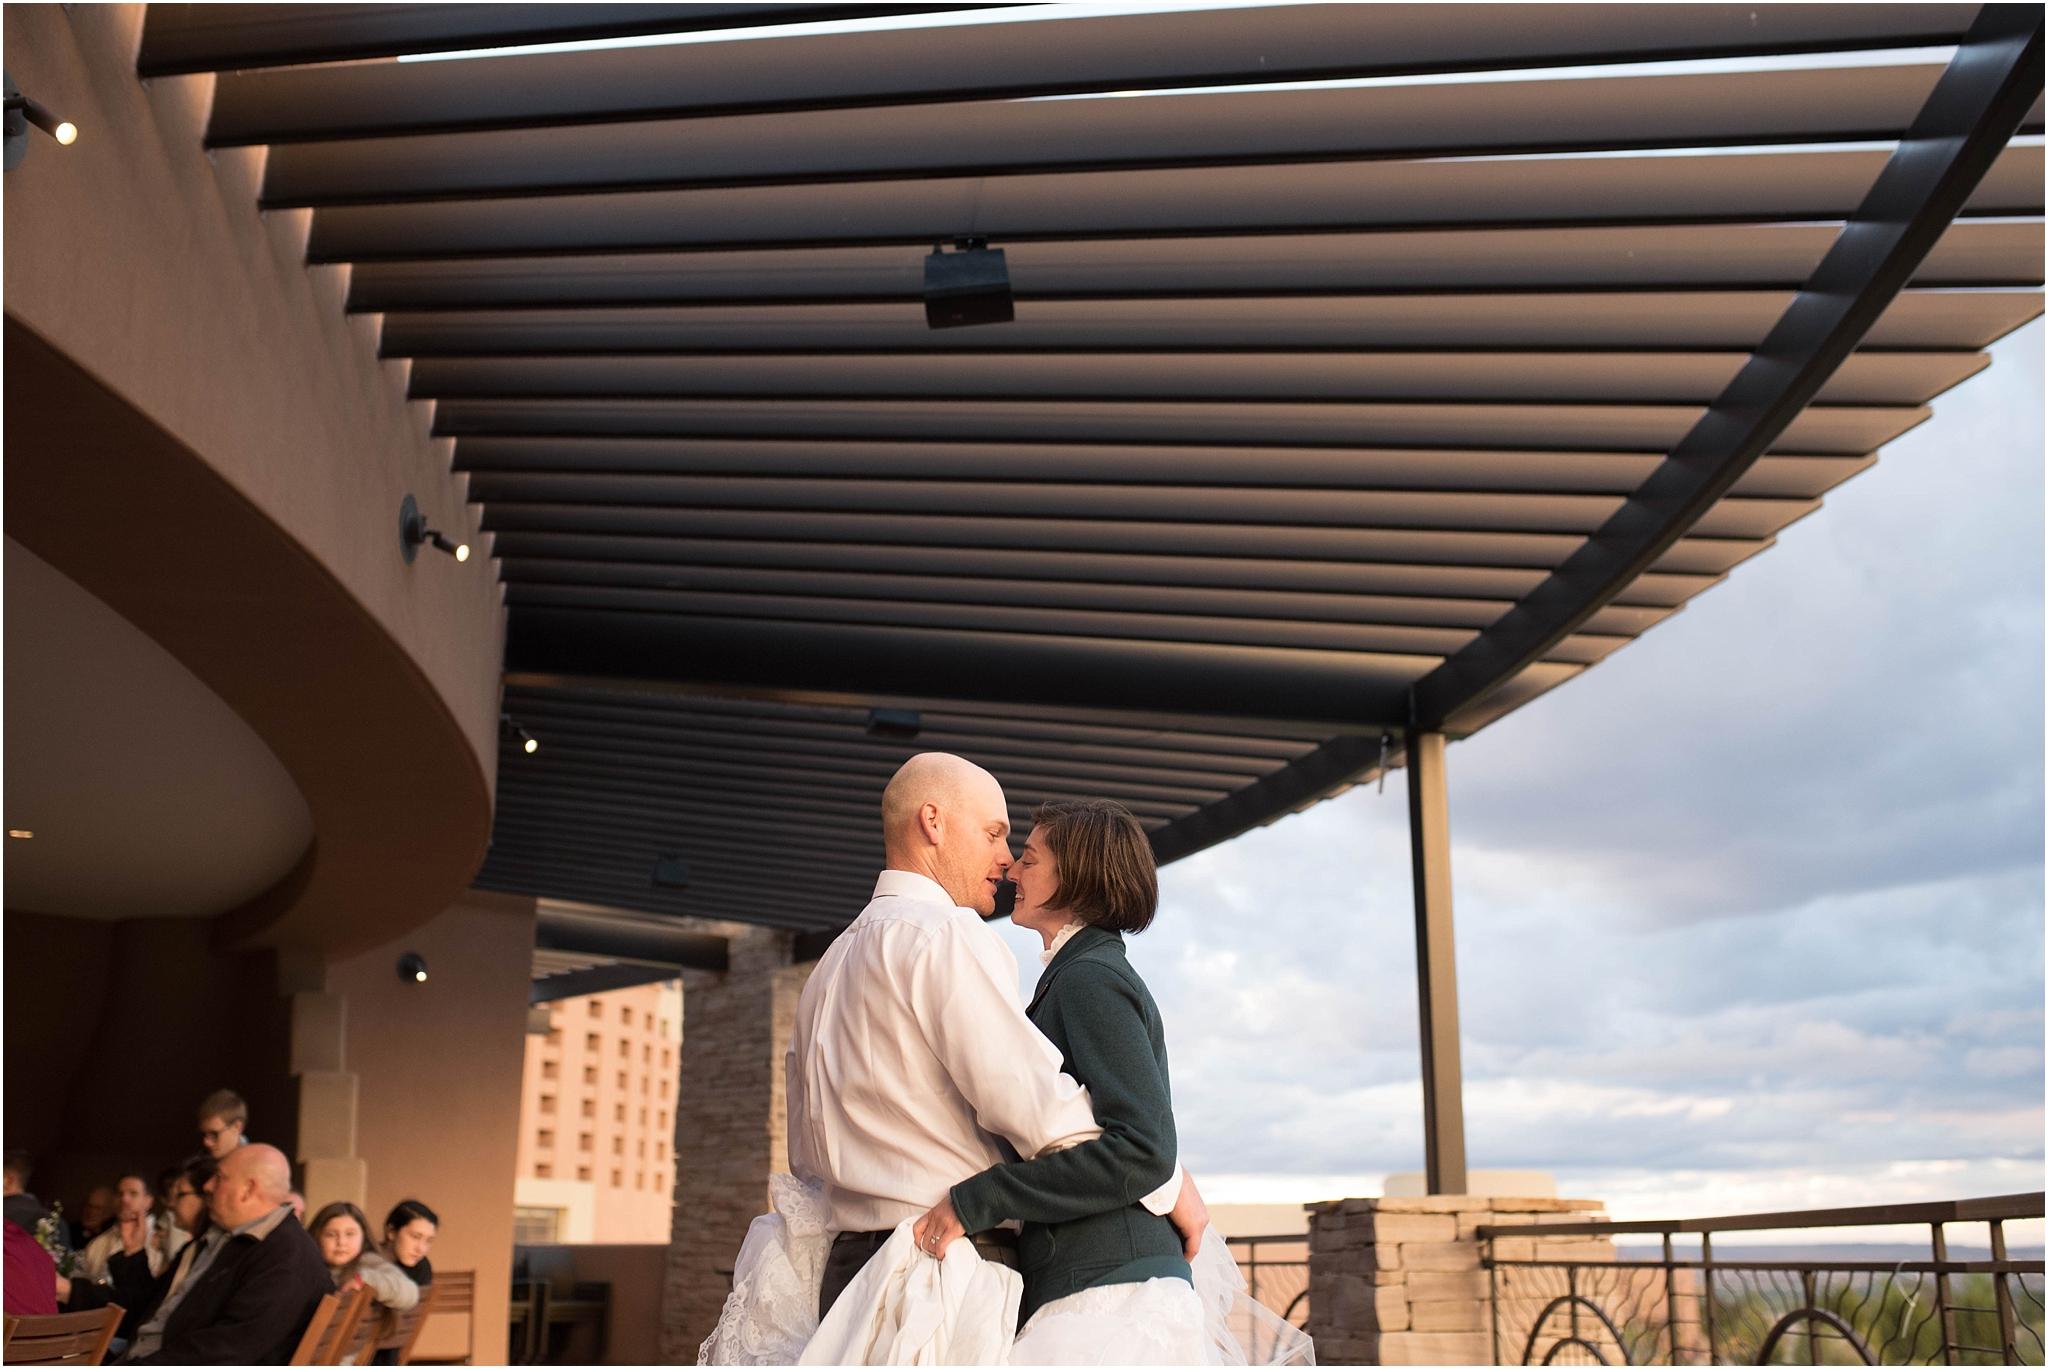 kayla kitts photography - new mexico wedding photographer - albuquerque botanic gardens - hotel albuquerque_0104.jpg